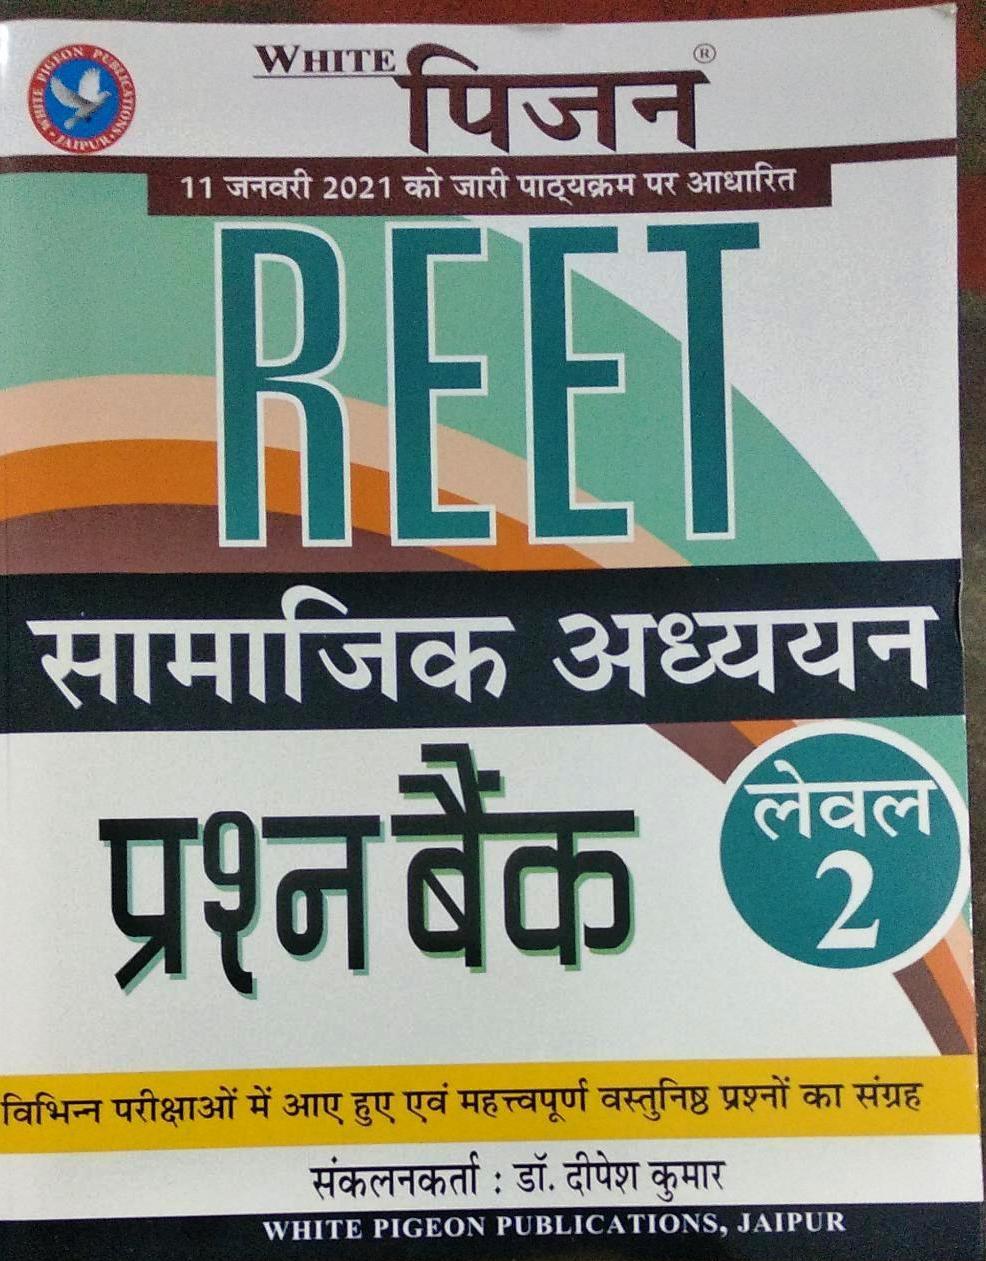 White Pigeon Reet Samajik Adhyan Level 2 Prashn Bank